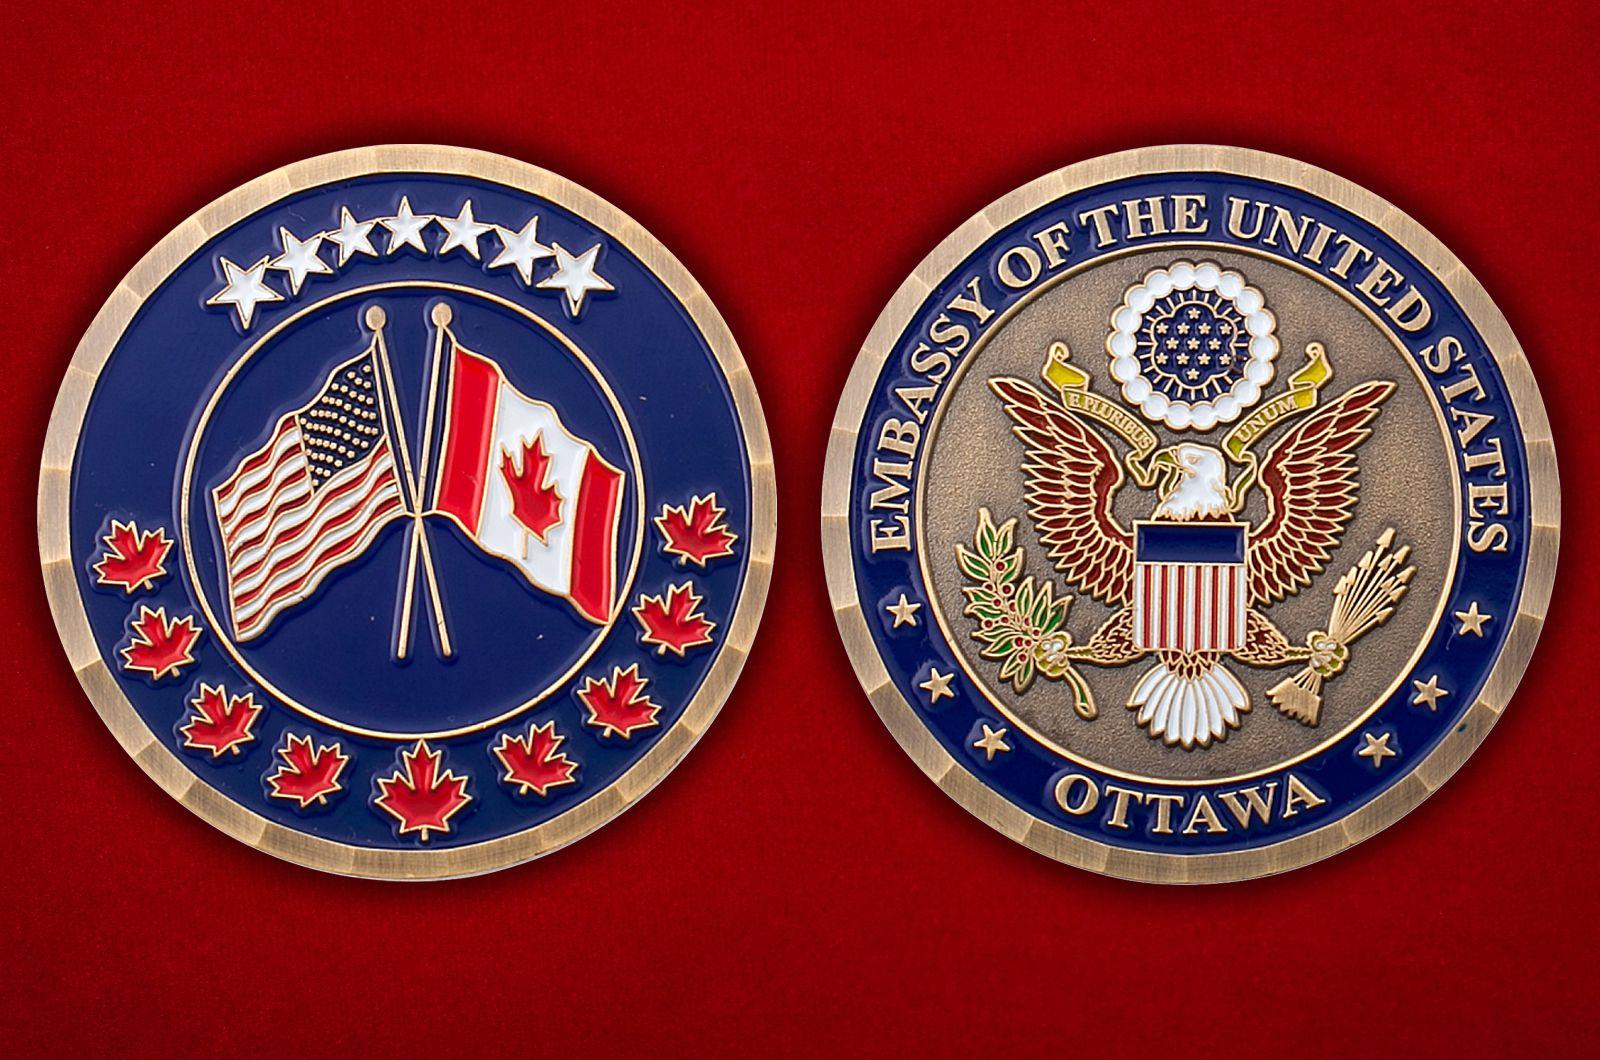 Челлендж коин Посольства США в Канаде - аверс и реверс